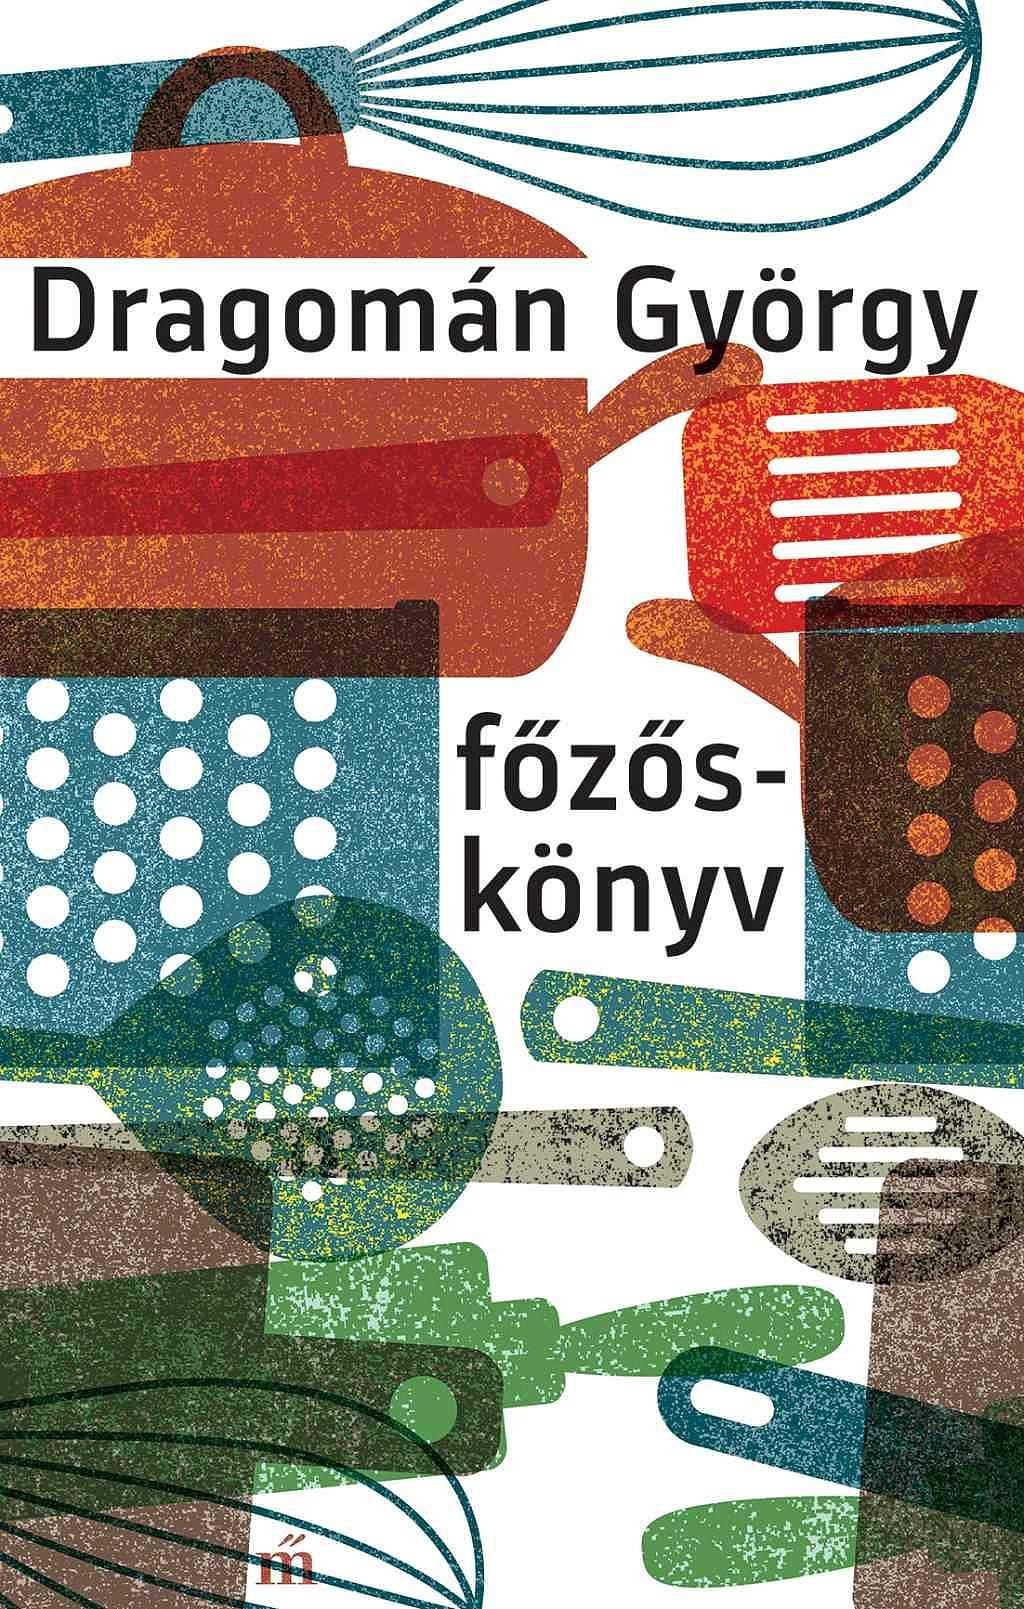 dragomanfozoskonyv-130642.jpg